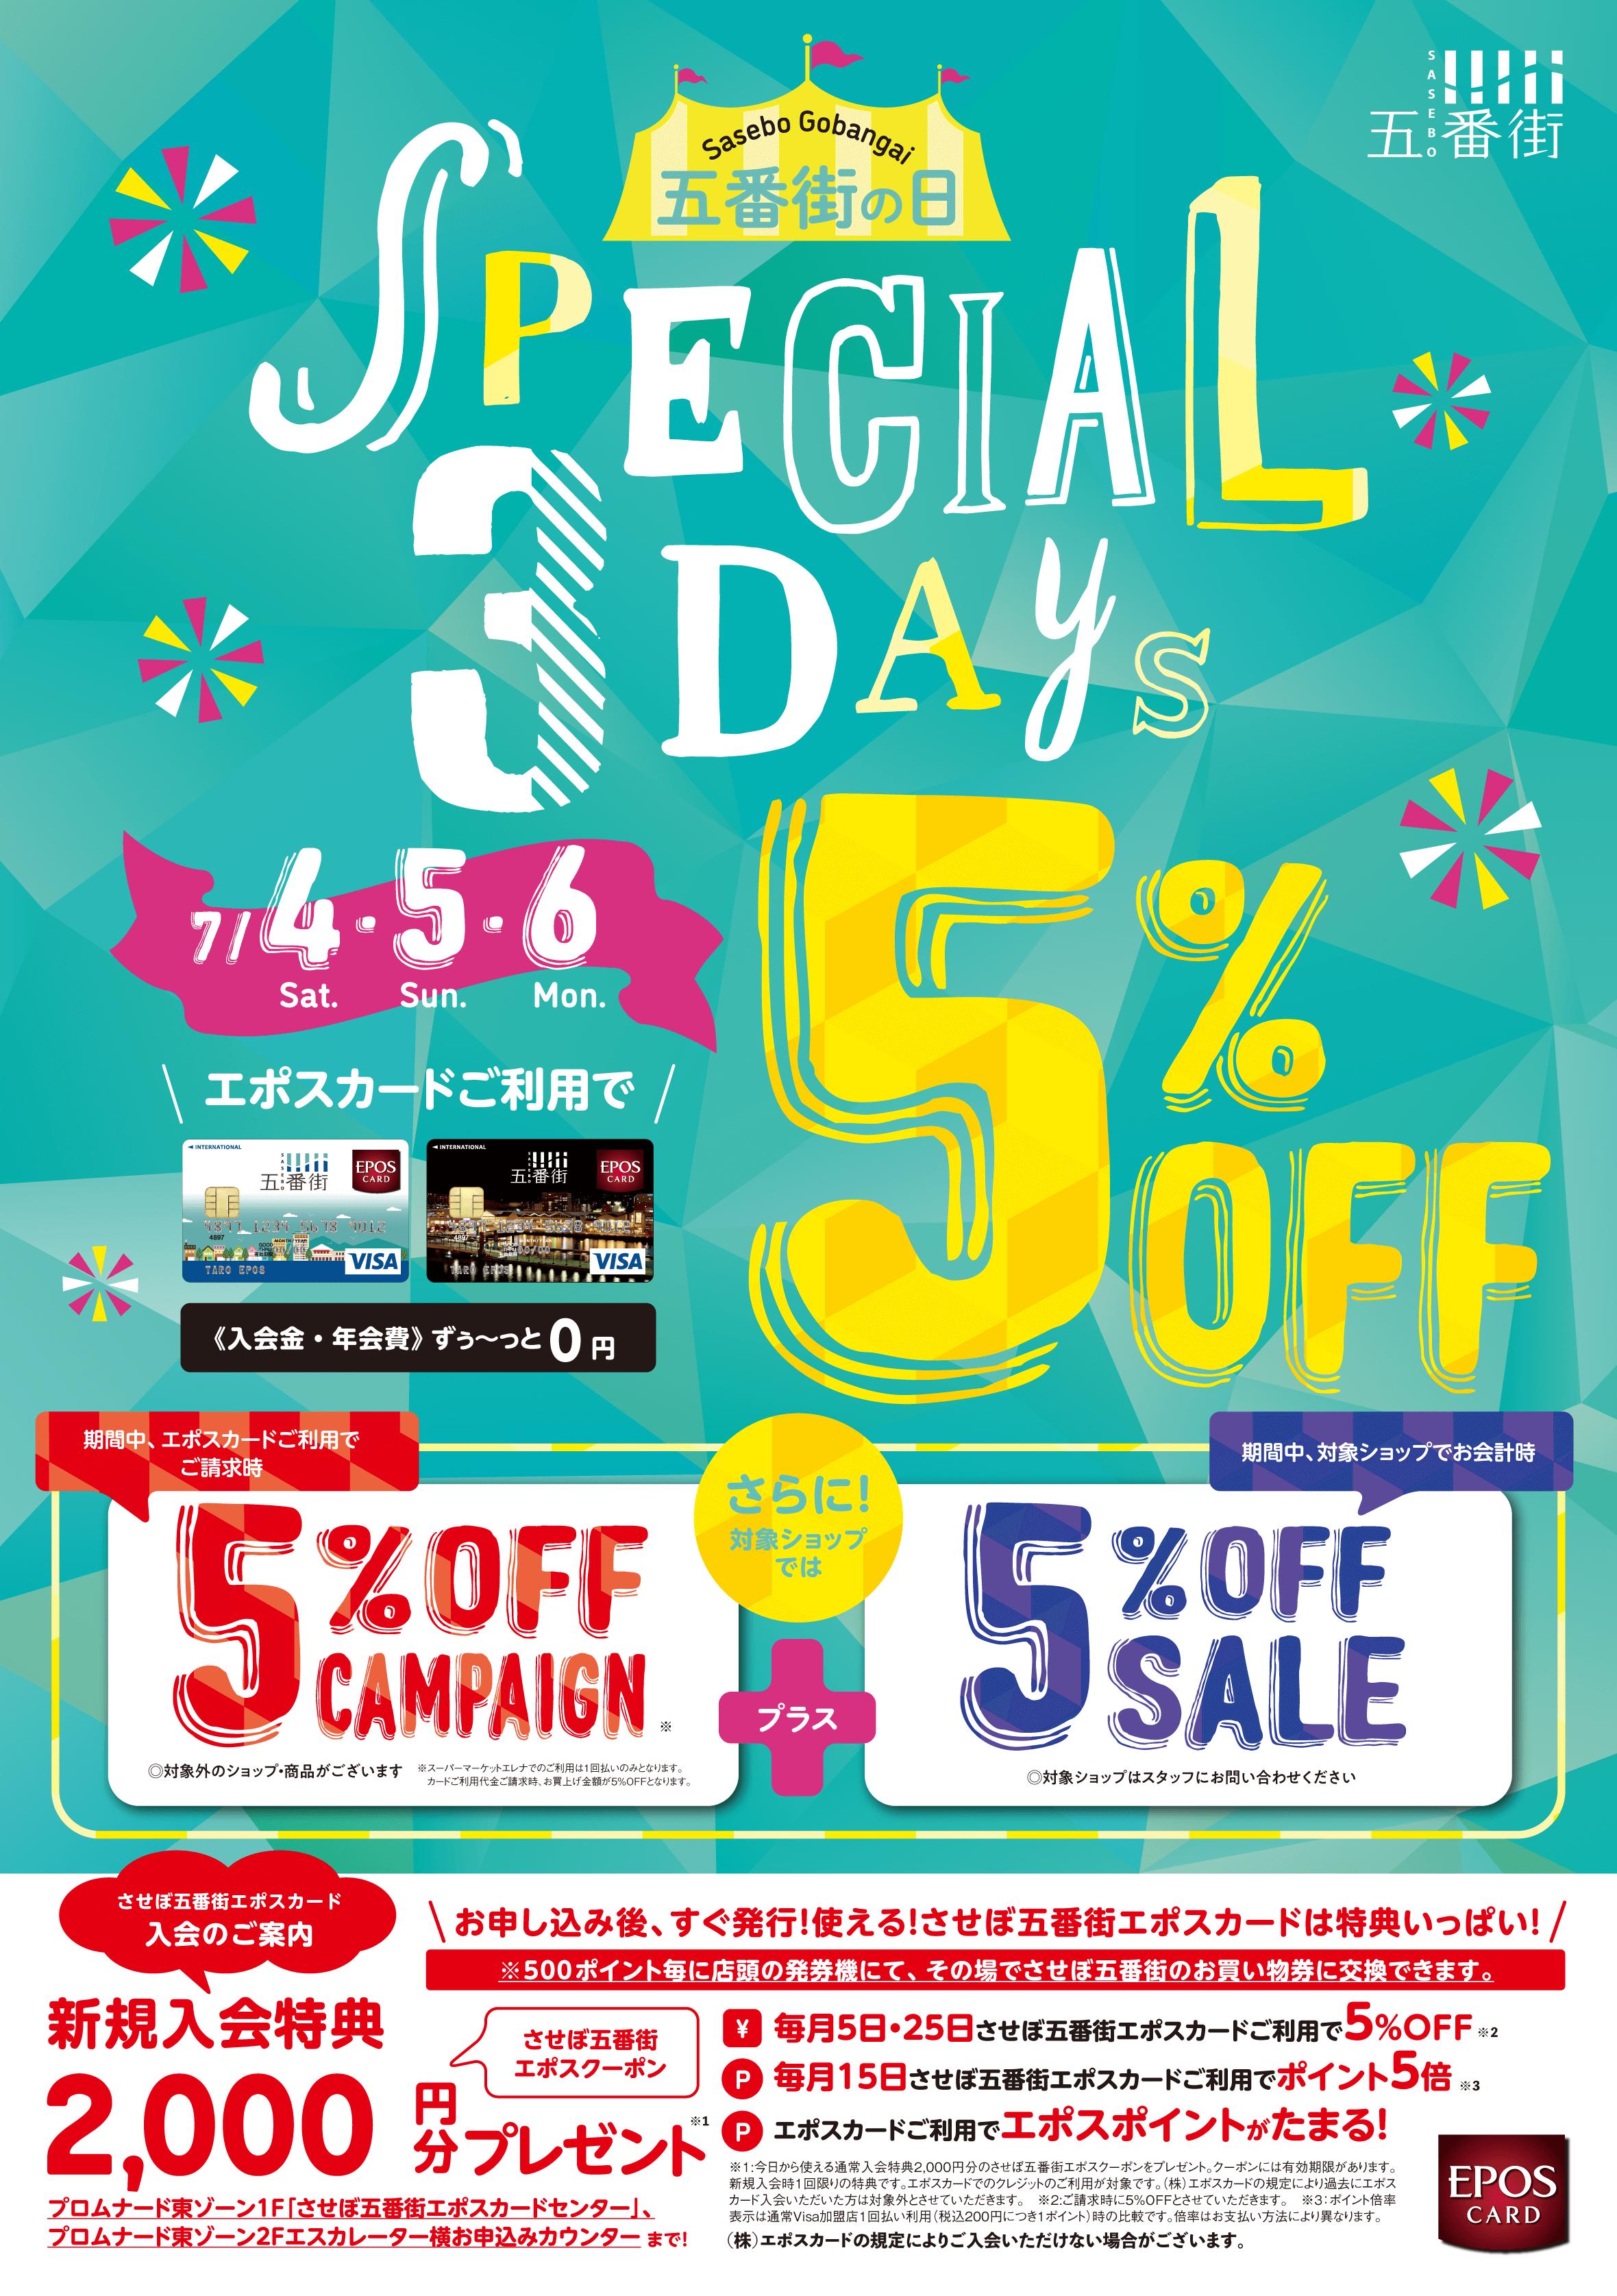 五番街の日 SPECIAL 3DAYS  7/4Sat.〜6Mon. エポスカードご利用で5%OFF